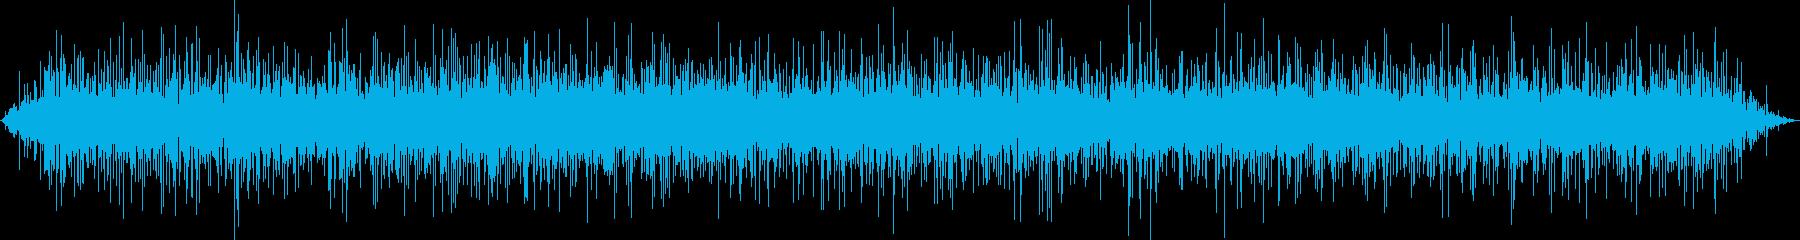 【環境音】せせらぎ01(四季の森)の再生済みの波形